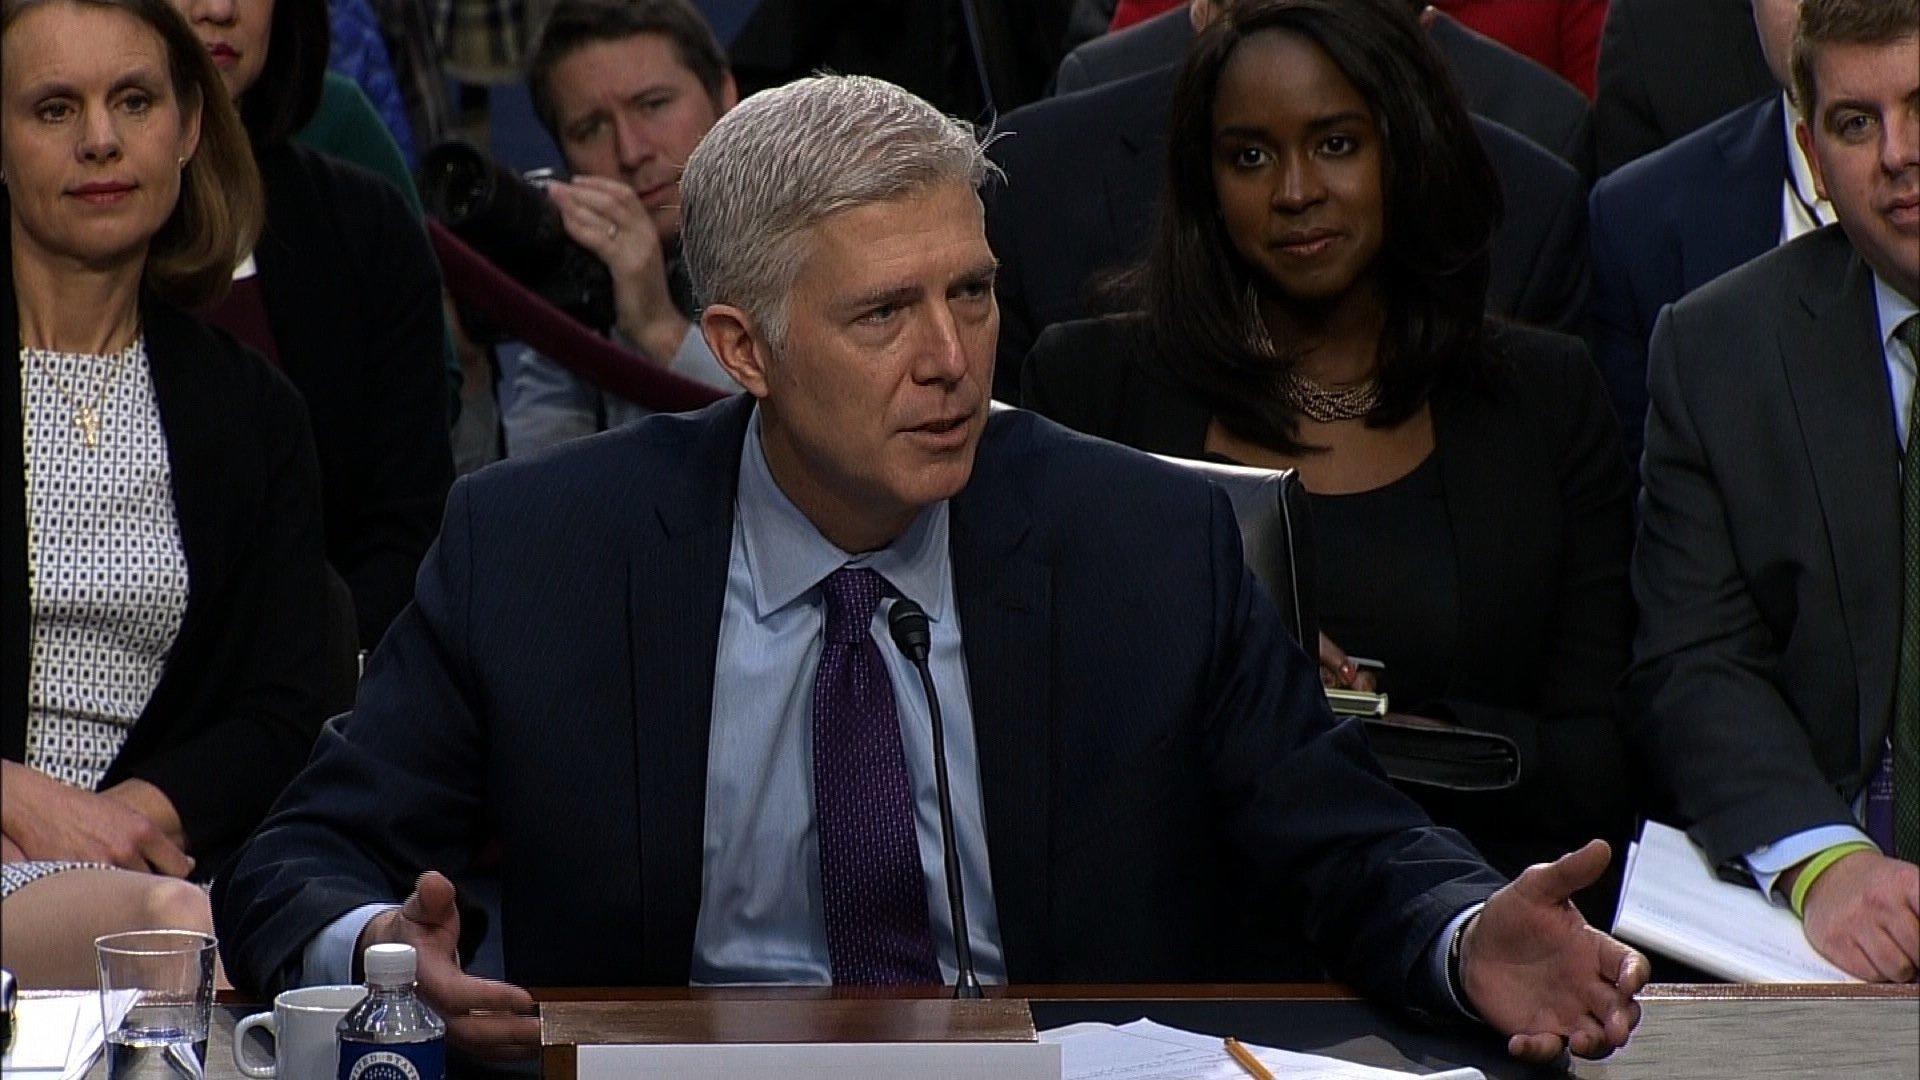 Sen. Tim Kaine plans to oppose SCOTUS nomination for Judge Neil Gorsuch